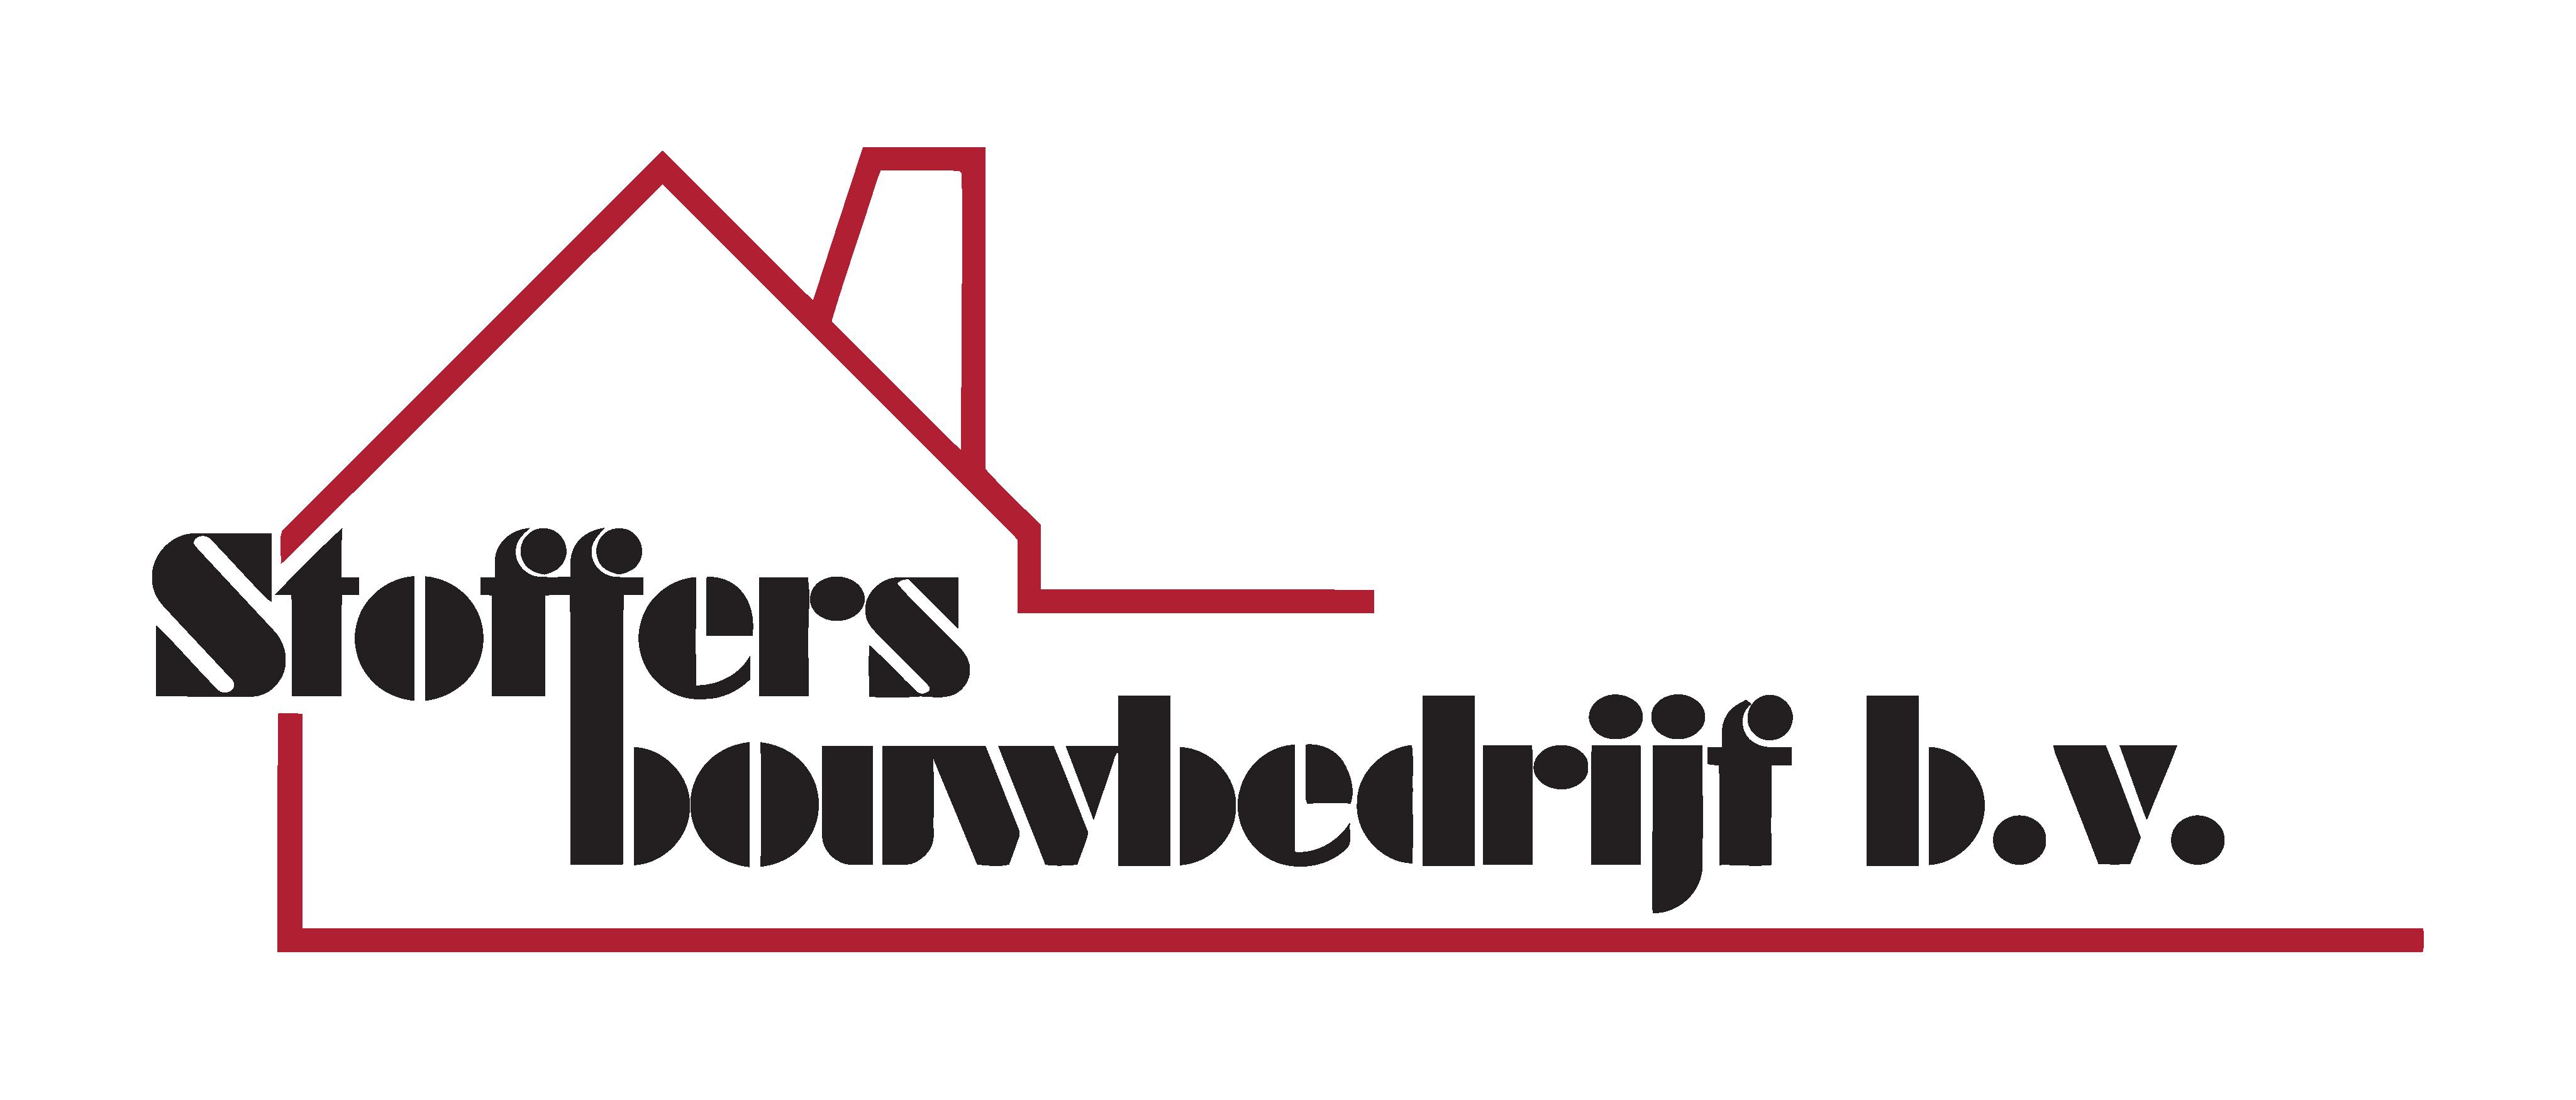 Stoffers Bouwbedrijf BV Ekehaar